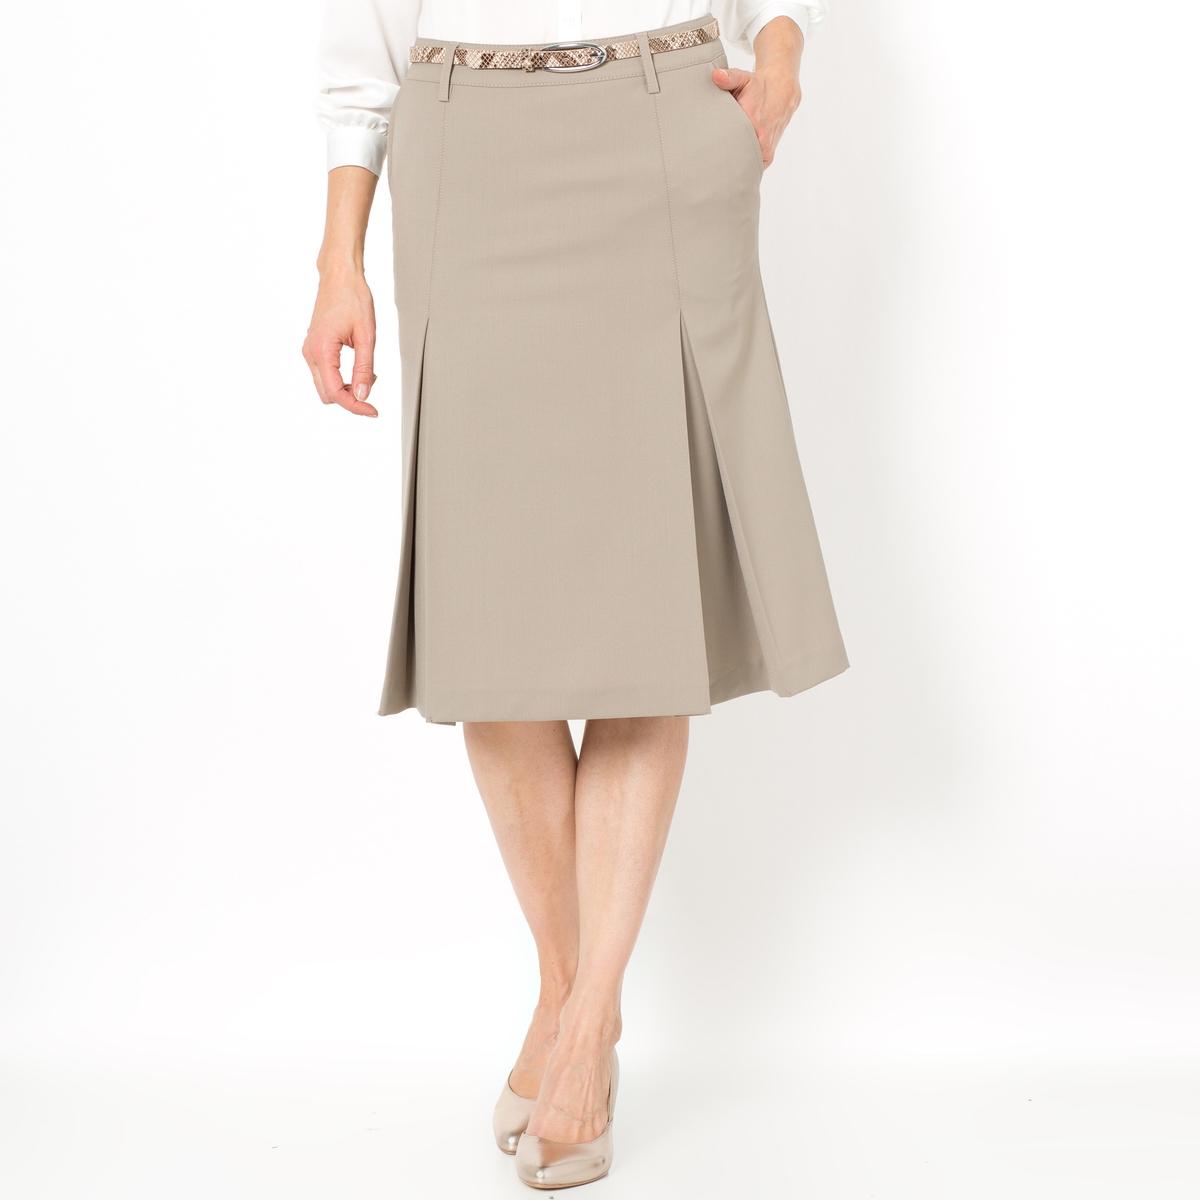 Юбка расклешенная, би-стрейчРасклешенная юбка из саржи би-стрейч. Юбка идеально садится по фигуре благодаря практически немнущимуся материалу.   Проста в уходе, глажка не требуется.    Пояс со шлевками. Скрытая застежка на молнию сзади. Косые карманы.Состав и описание : Материал: Саржа би-стрейч, 48% шерсти, 48% полиэстера, 4% эластана для светлых расцветок, 54% полиэстера, 44% шерсти, 2% эластана для тёмных расцветокПодкладка    100% полиэстерДлина: 62 смМарка: Anne Weyburn  Уход :Машинная стирка при 30°C на умеренном режиме с одеждой подобных цветов.Стирка и глажка с изнаночной стороны.Машинная сушка запрещена..Гладить на низкой температуре.<br><br>Цвет: бежевый,серый меланж,темно-синий,черный<br>Размер: 44 (FR) - 50 (RUS).48 (FR) - 54 (RUS).48 (FR) - 54 (RUS).44 (FR) - 50 (RUS).52 (FR) - 58 (RUS).42 (FR) - 48 (RUS).46 (FR) - 52 (RUS).48 (FR) - 54 (RUS).50 (FR) - 56 (RUS)